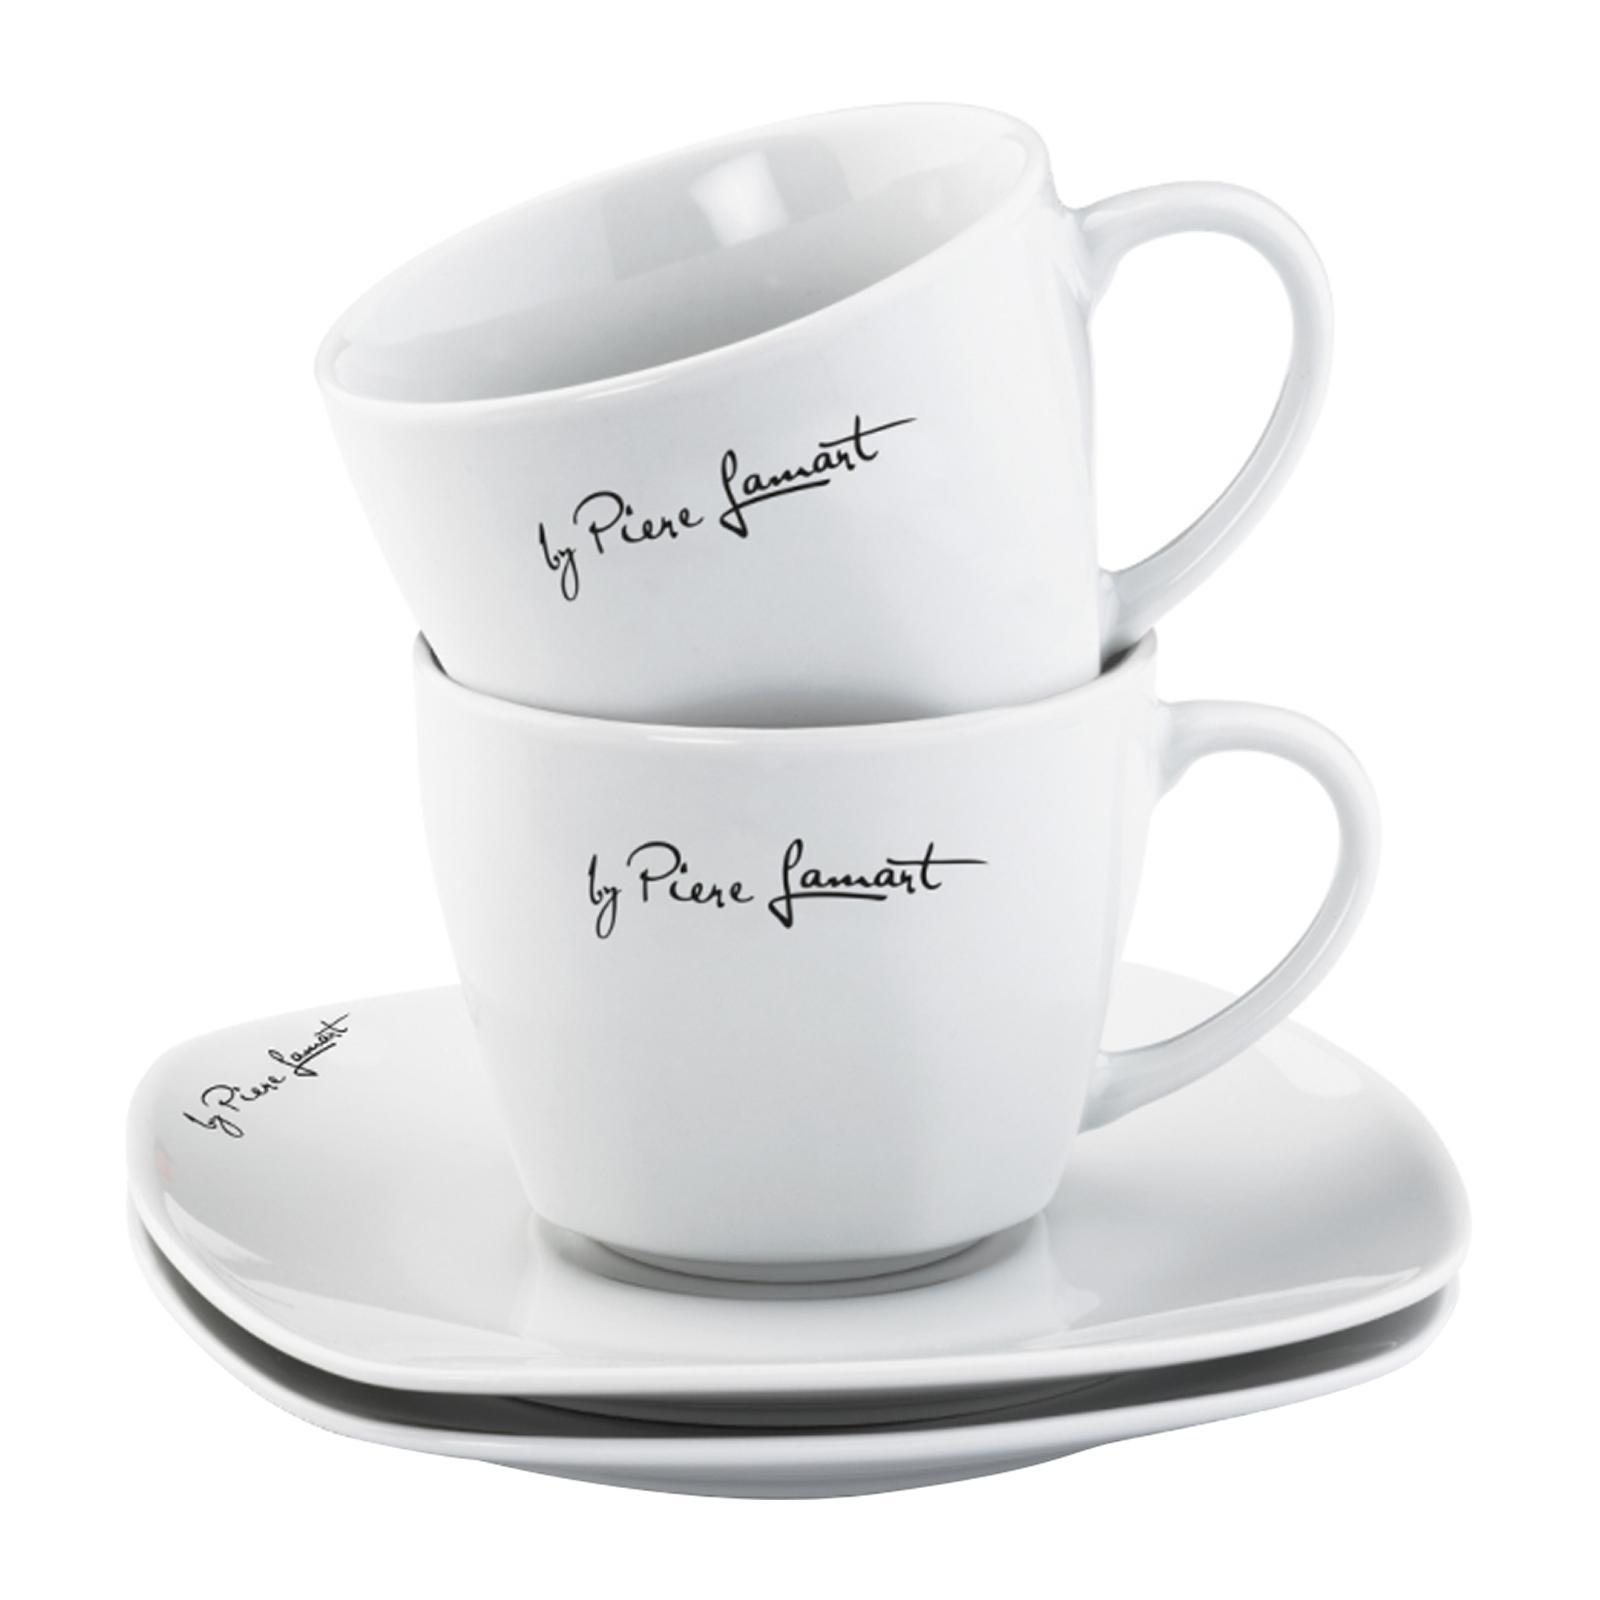 Lamart Cup With Saucer - 2 PCS